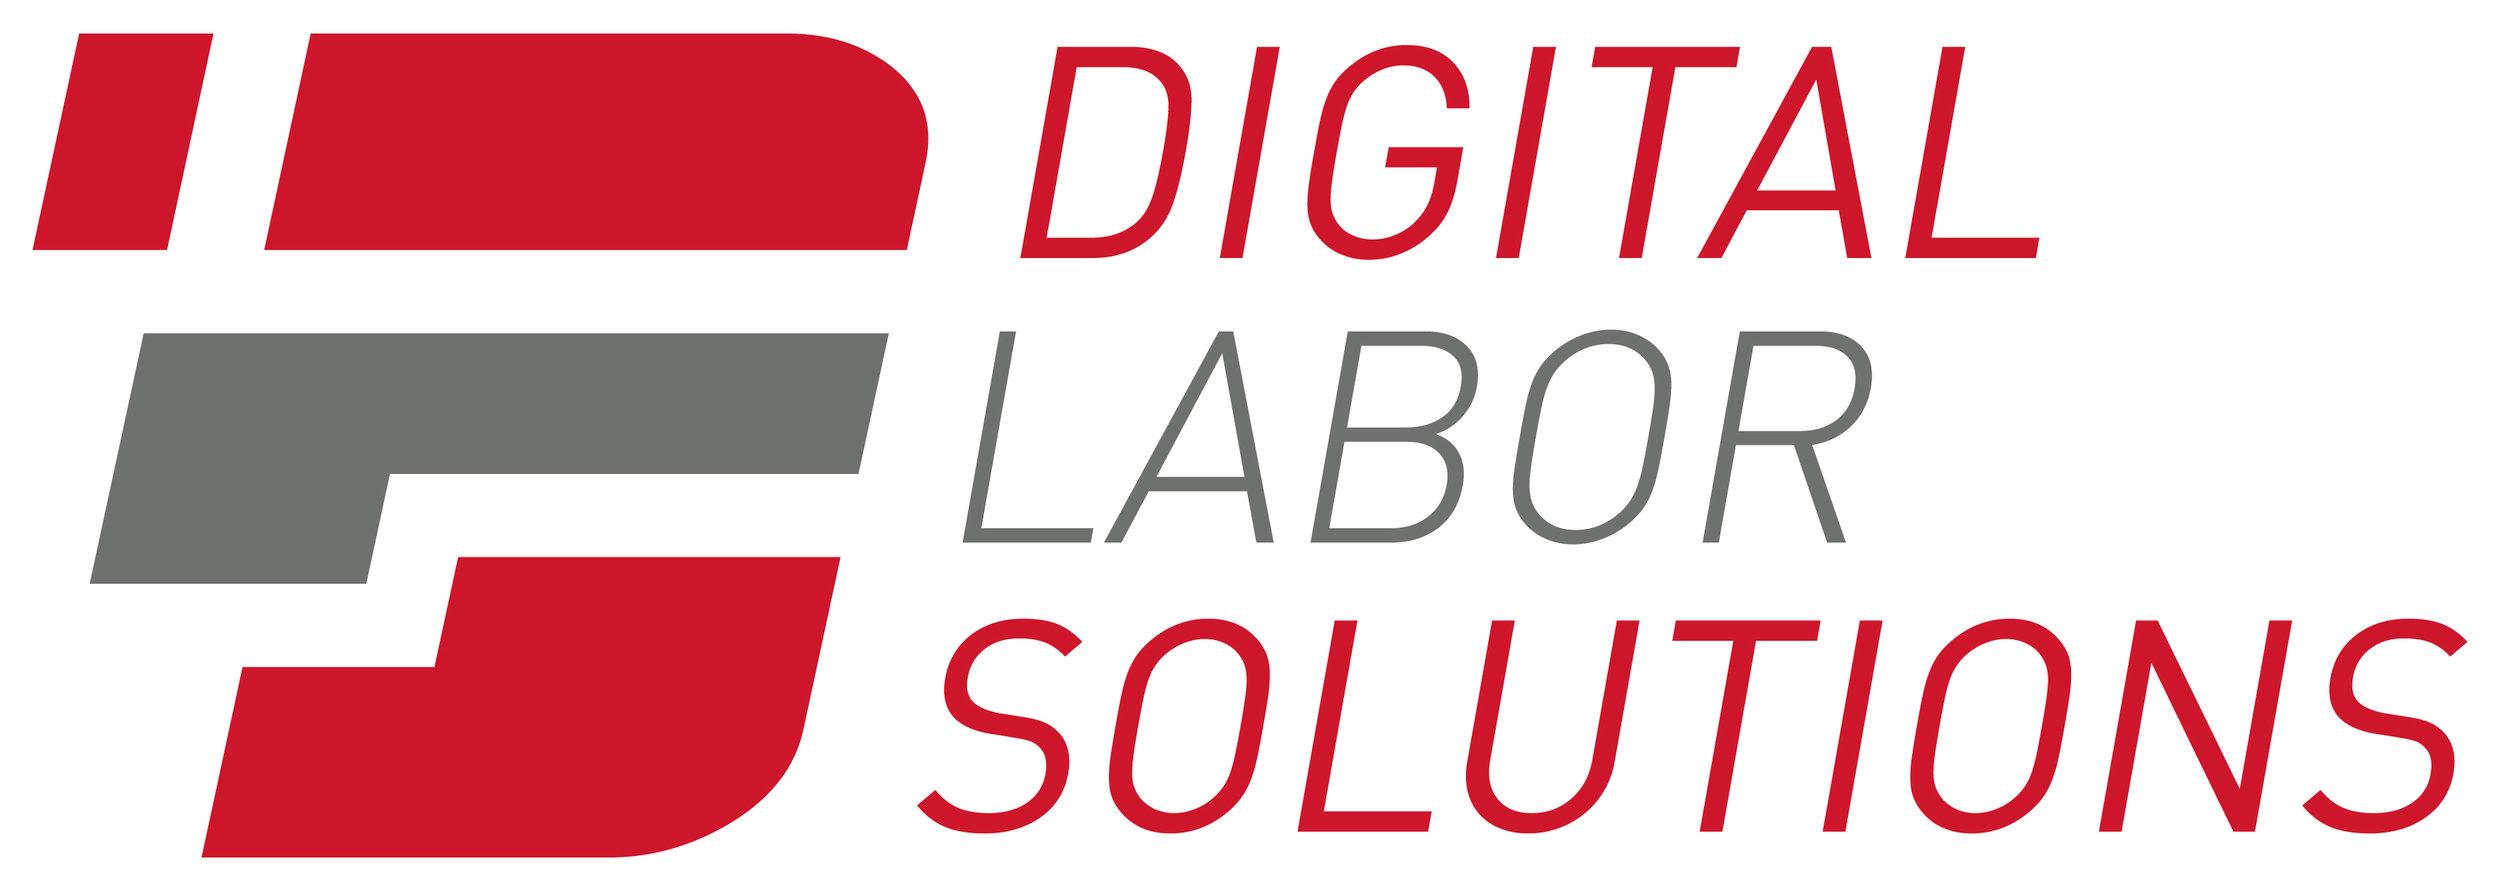 digital-labor-solutions-logo-new-01.jpg